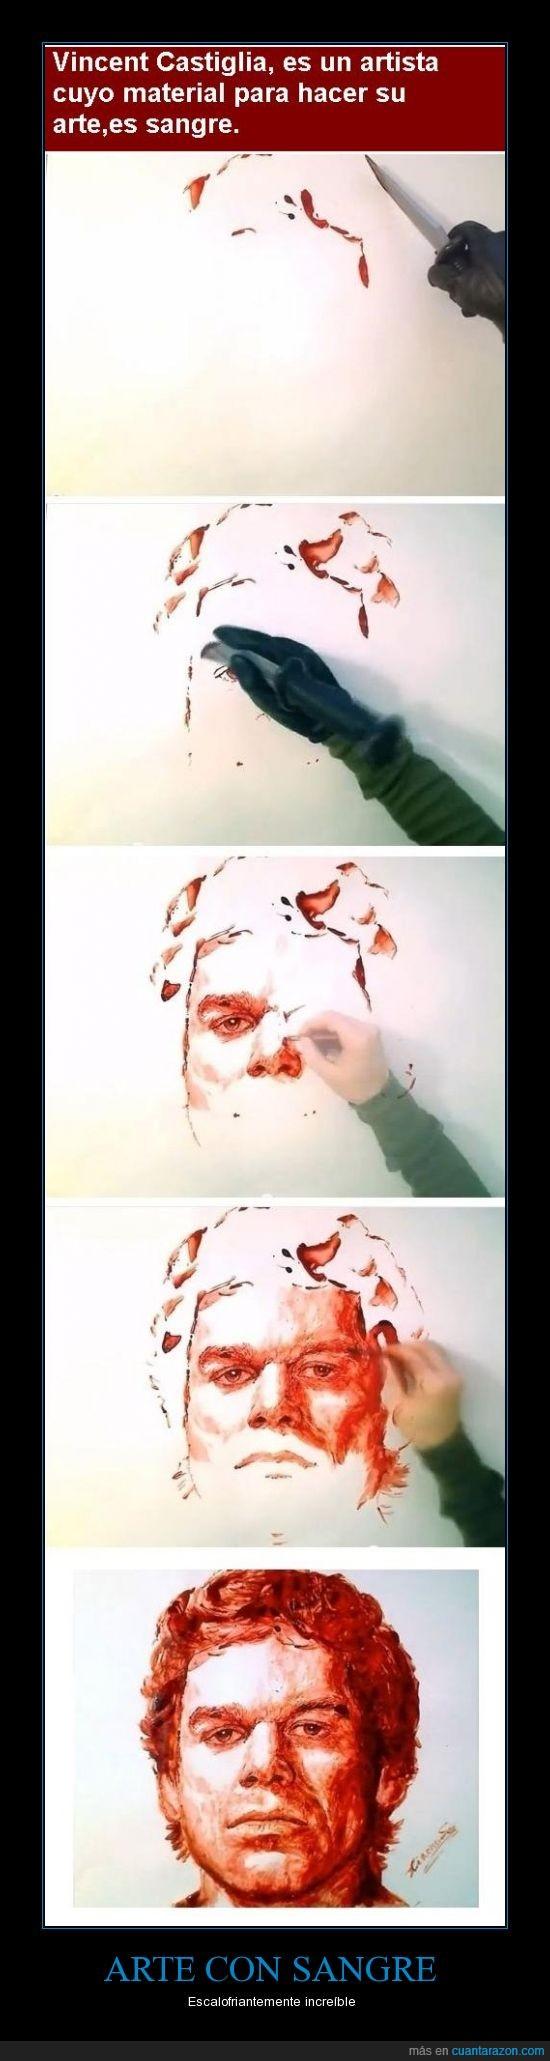 arte,dexter,increible,sangre,Vincent Castiglia